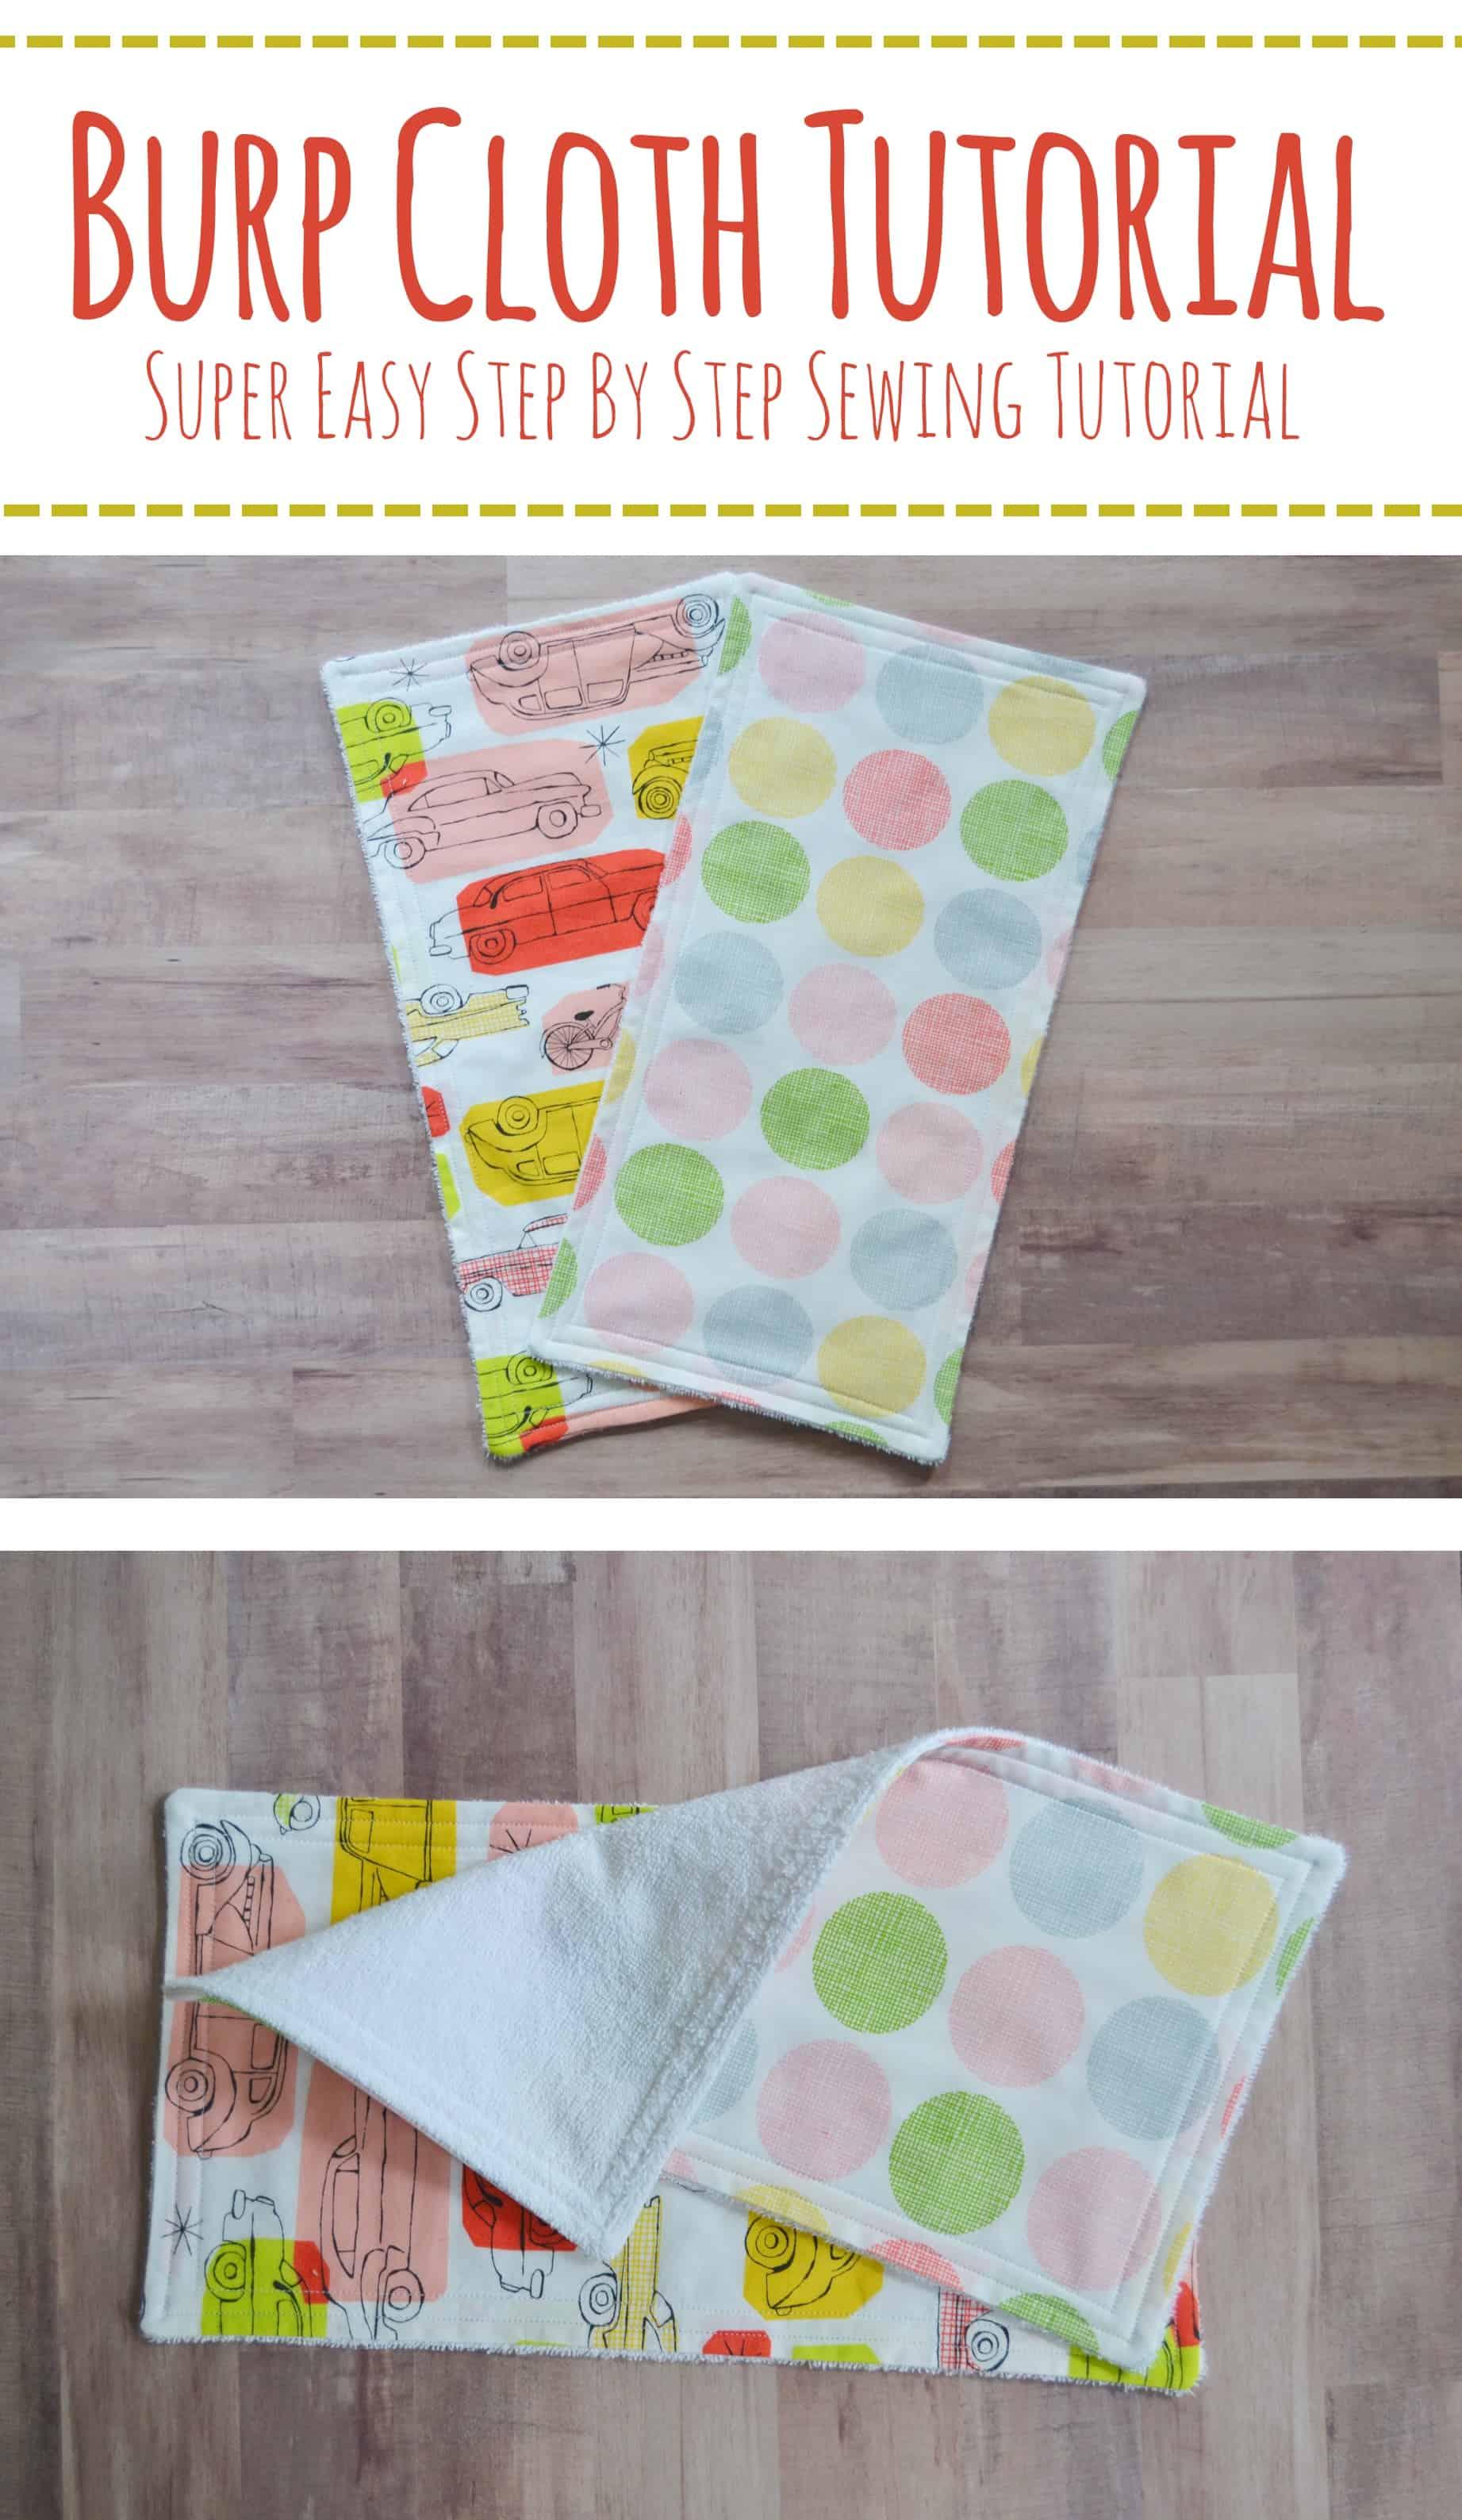 How to make a burp cloth burp cloth tutorial pin mary martha mama how to make a burp cloth burp cloth tutorial pin baditri Image collections